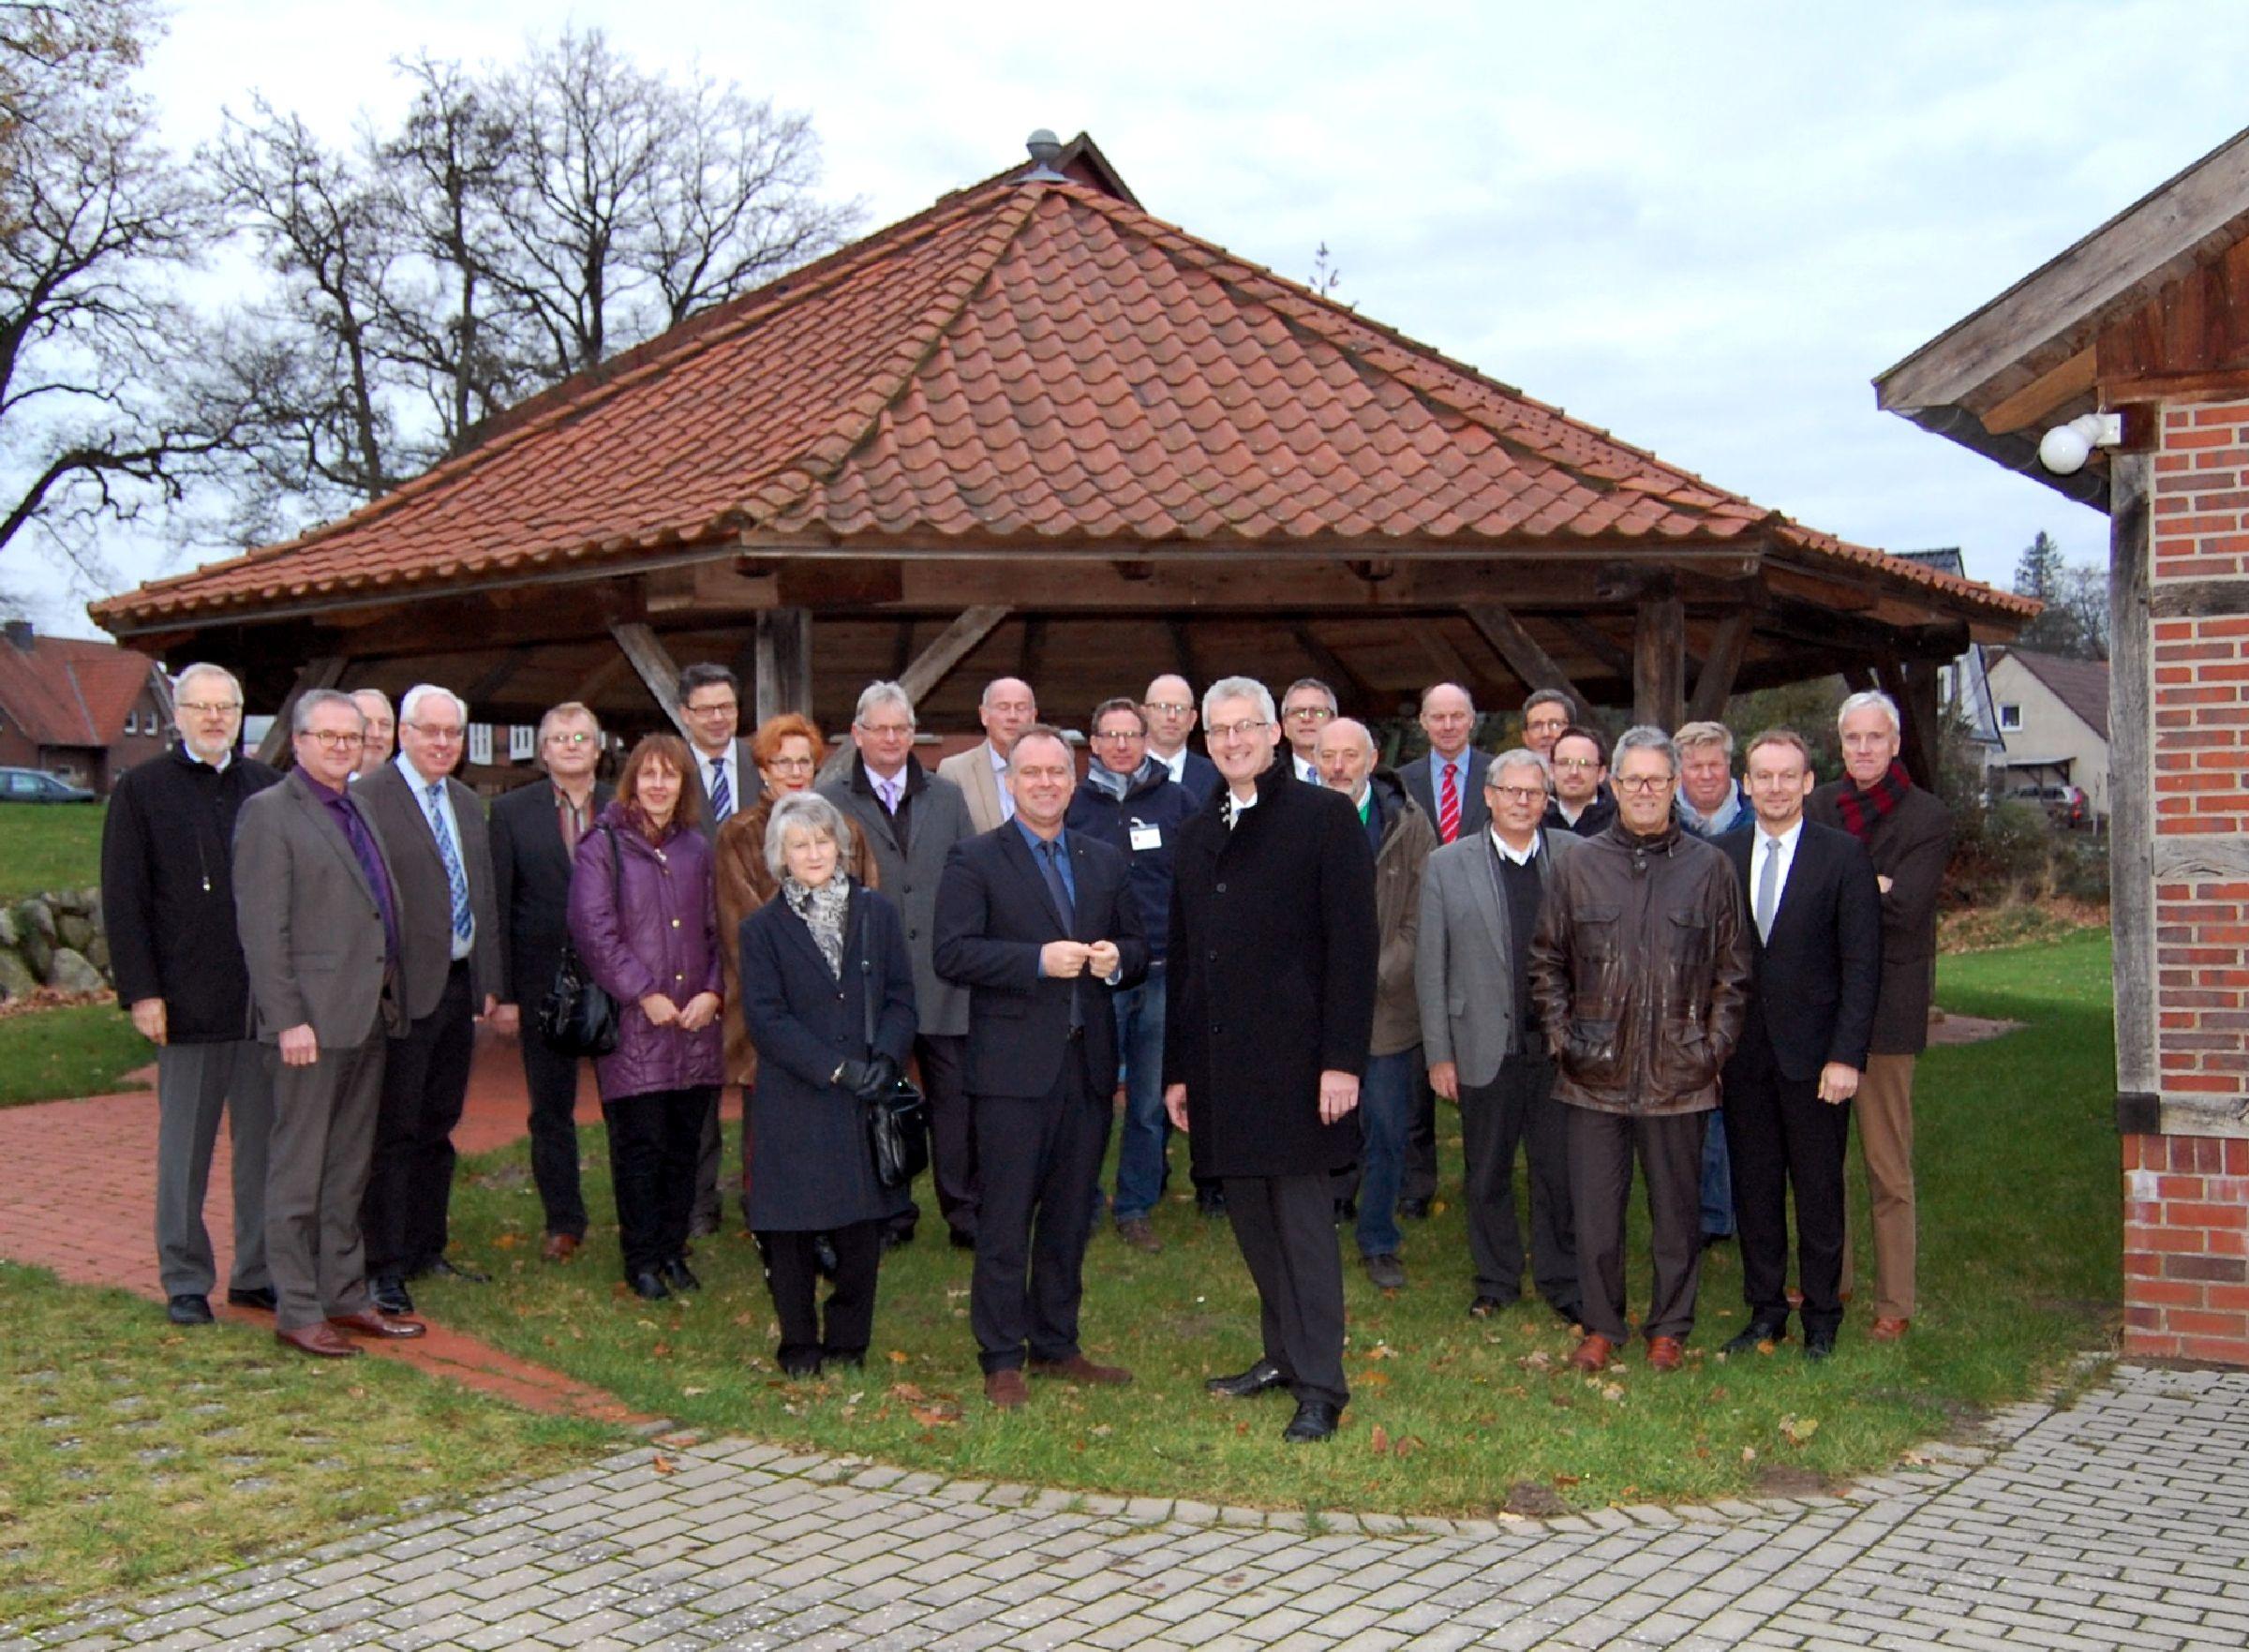 Die Mitgliederversammlung fand am 02.12.2015 im Heimat- und Kulturhaus Meyer-Köster in Barnstorf statt.